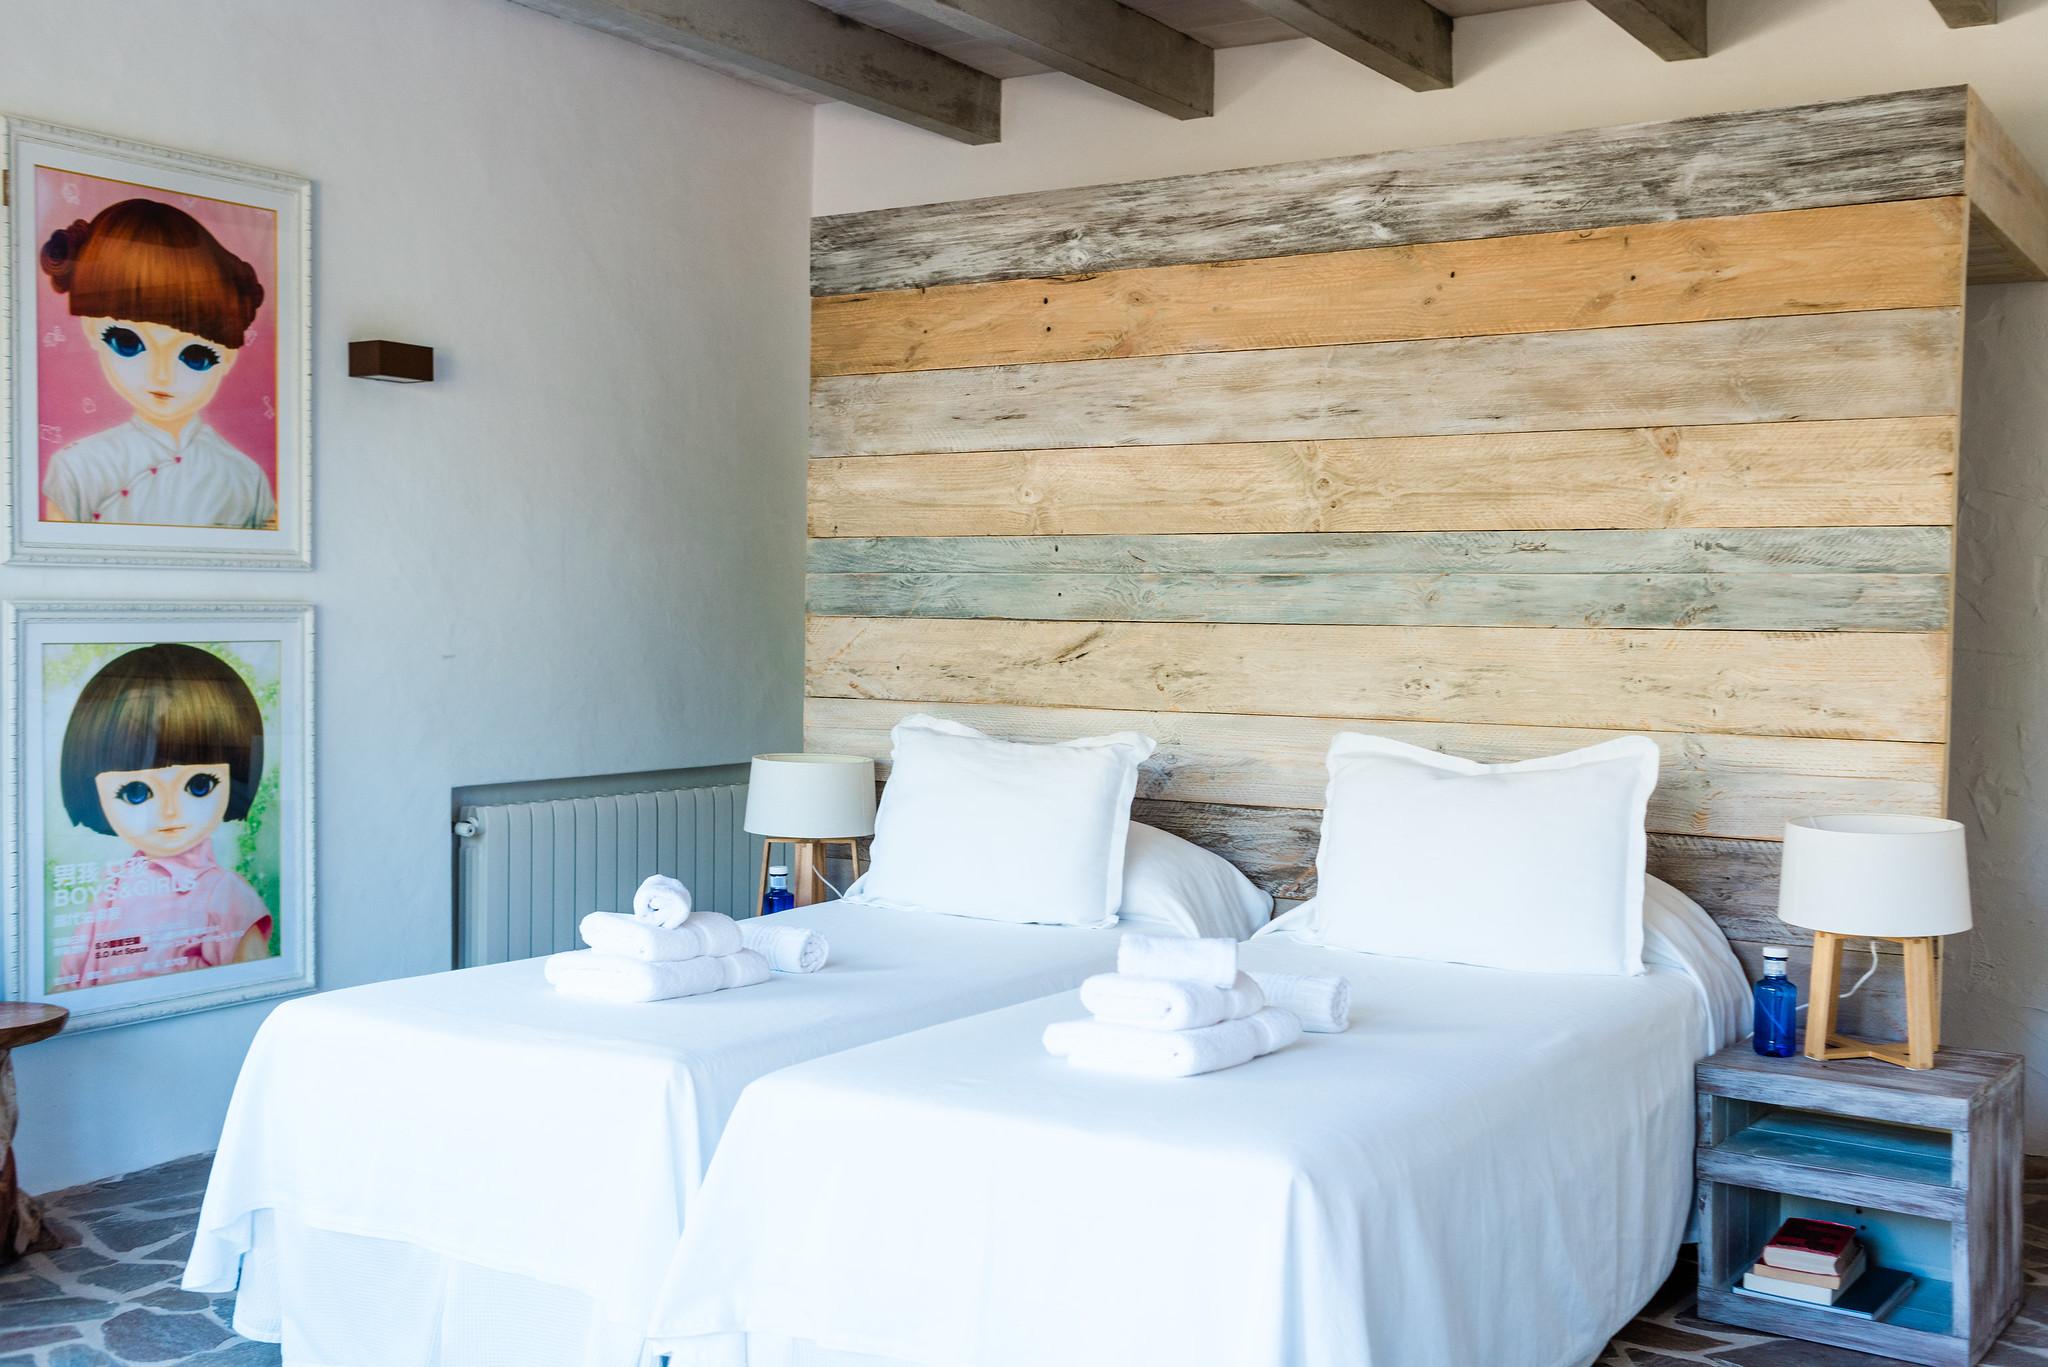 https://www.white-ibiza.com/wp-content/uploads/2020/06/white-ibiza-villas-villa-andrea-interior-bedroom5.jpg